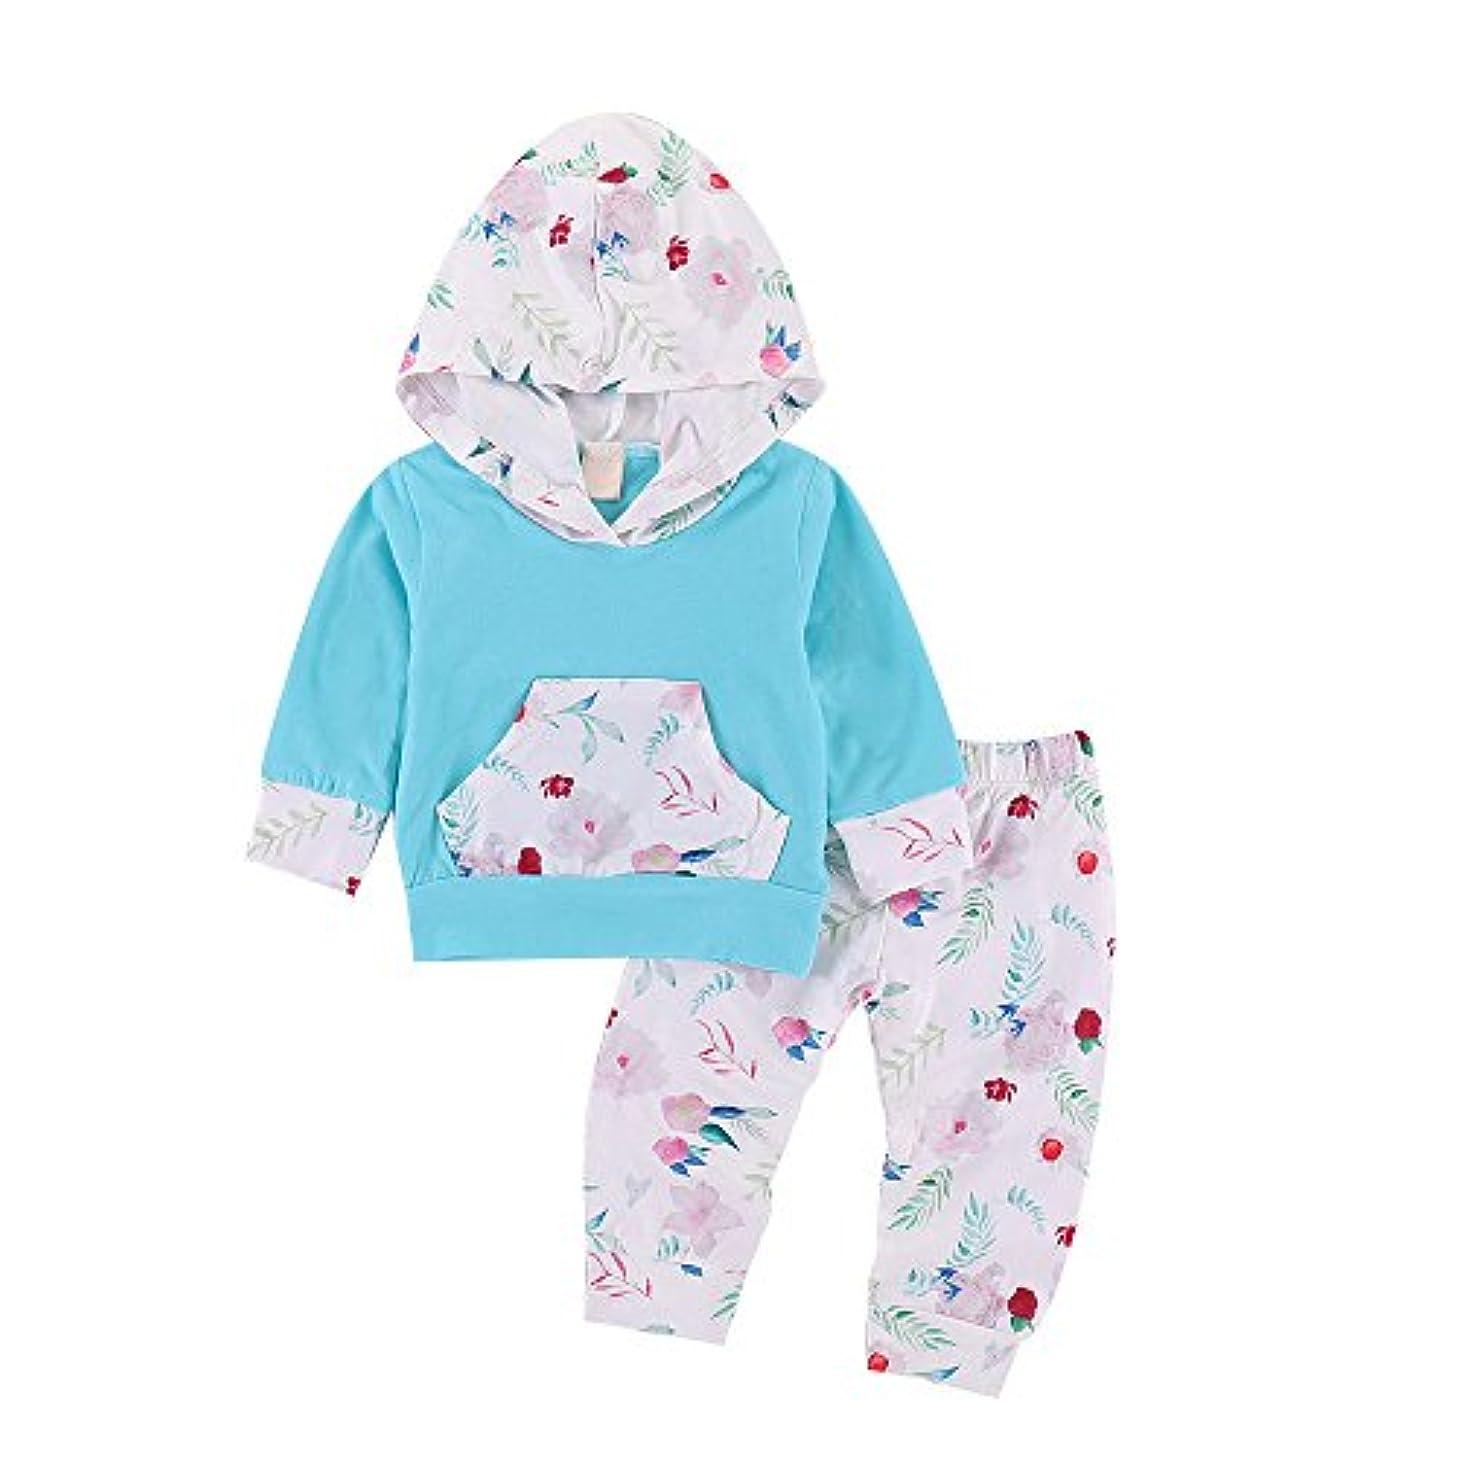 タイプライター熱帯のウール(プタス) Putars 幼児少年少女少女の長袖フラワーパーカーズトップスとパンツのコスチューム 6ヶ月 - 24ヶ月